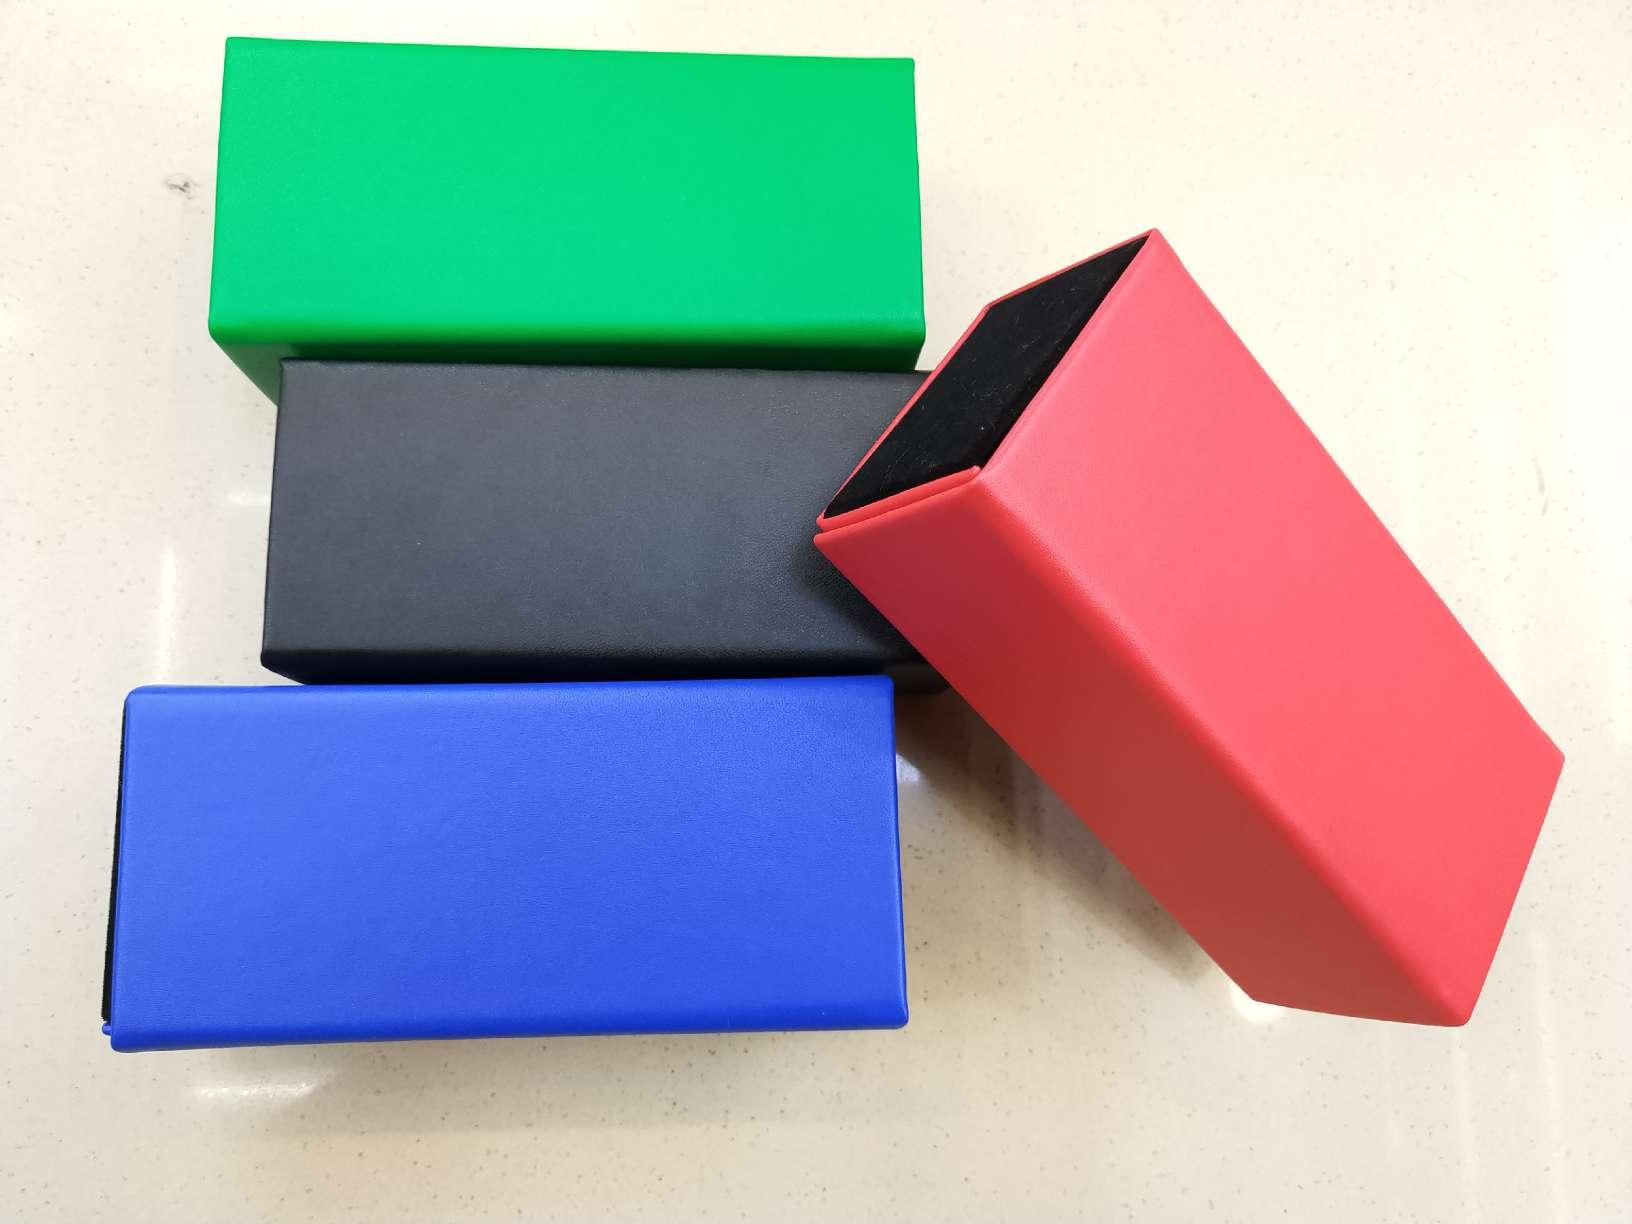 多色纹理手工折叠翻盖眼镜盒28